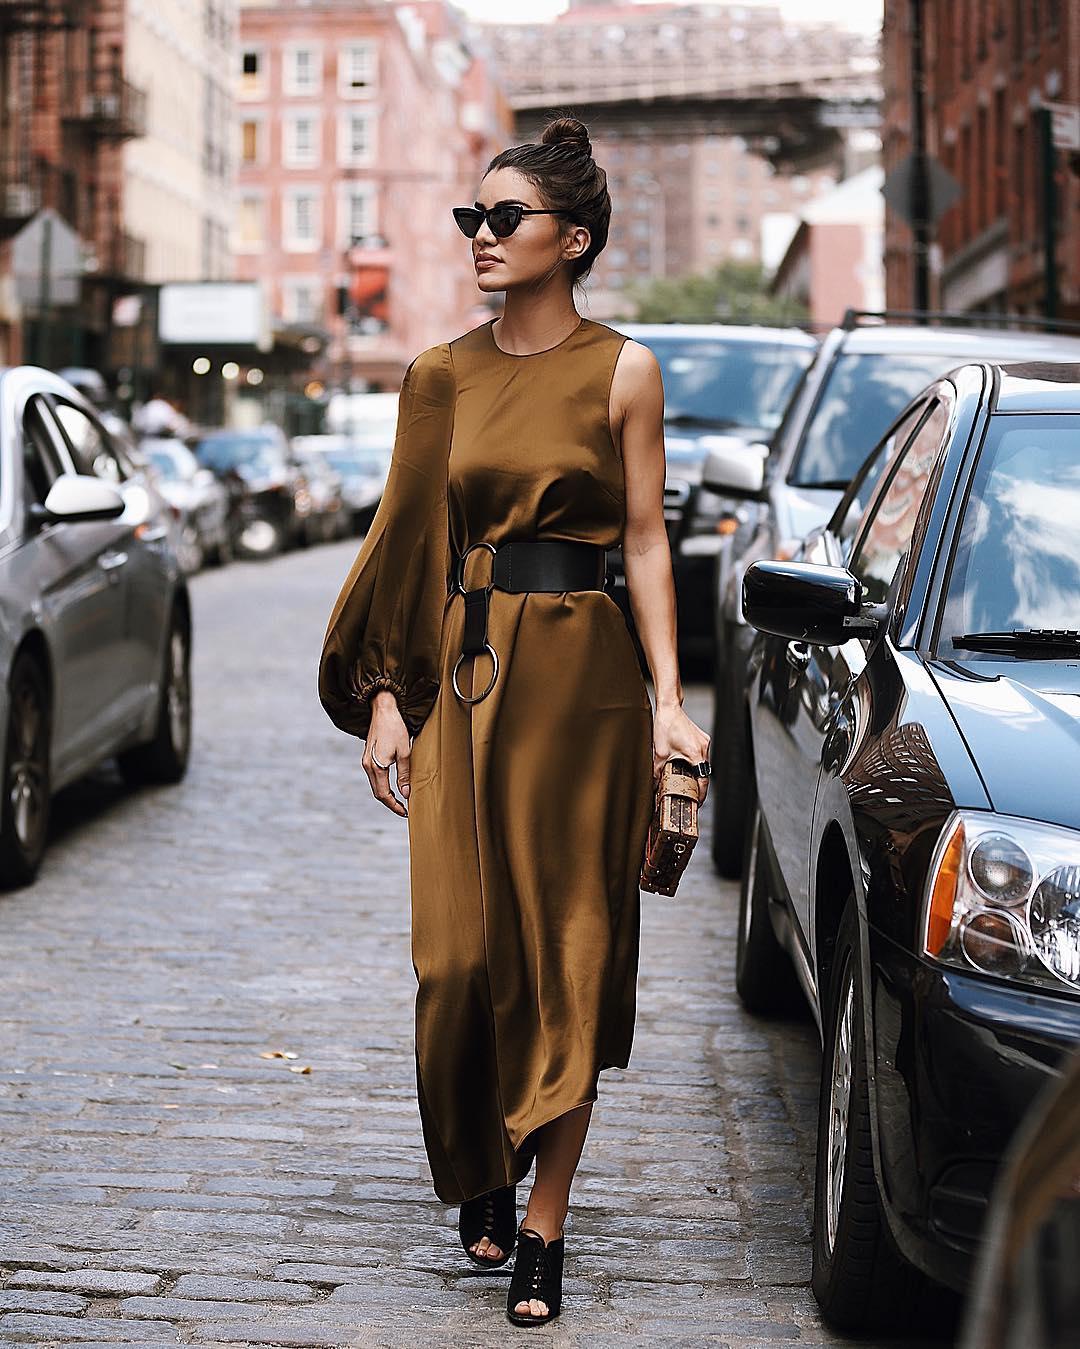 Street style cho cung Bạch Dương với thiết kế đầm satin bất đối xứng